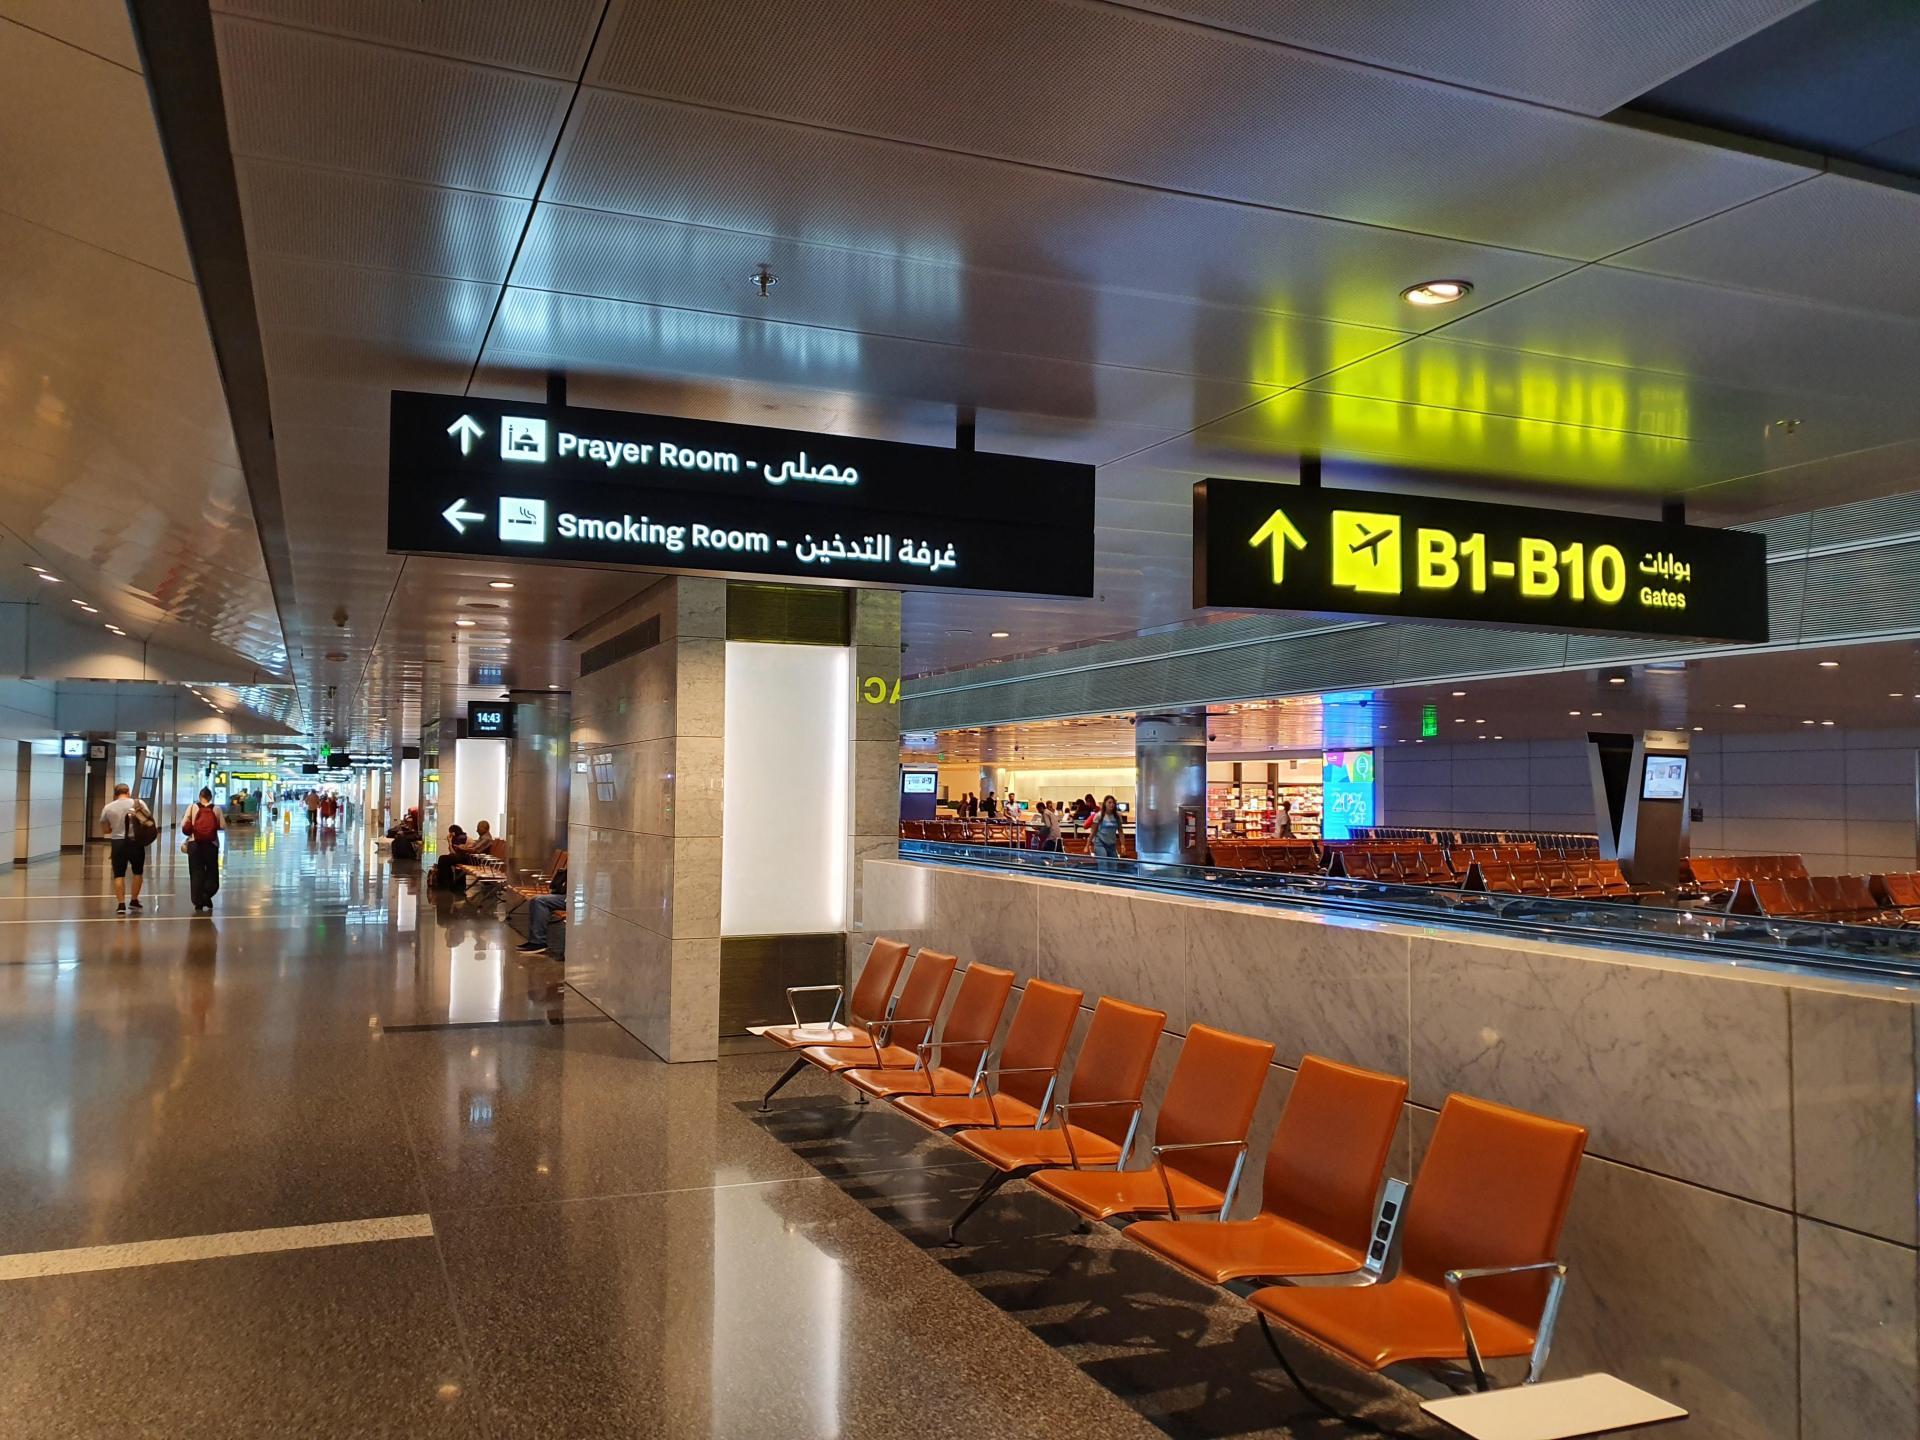 указатель к комнате для курения в аэропорту Хамад